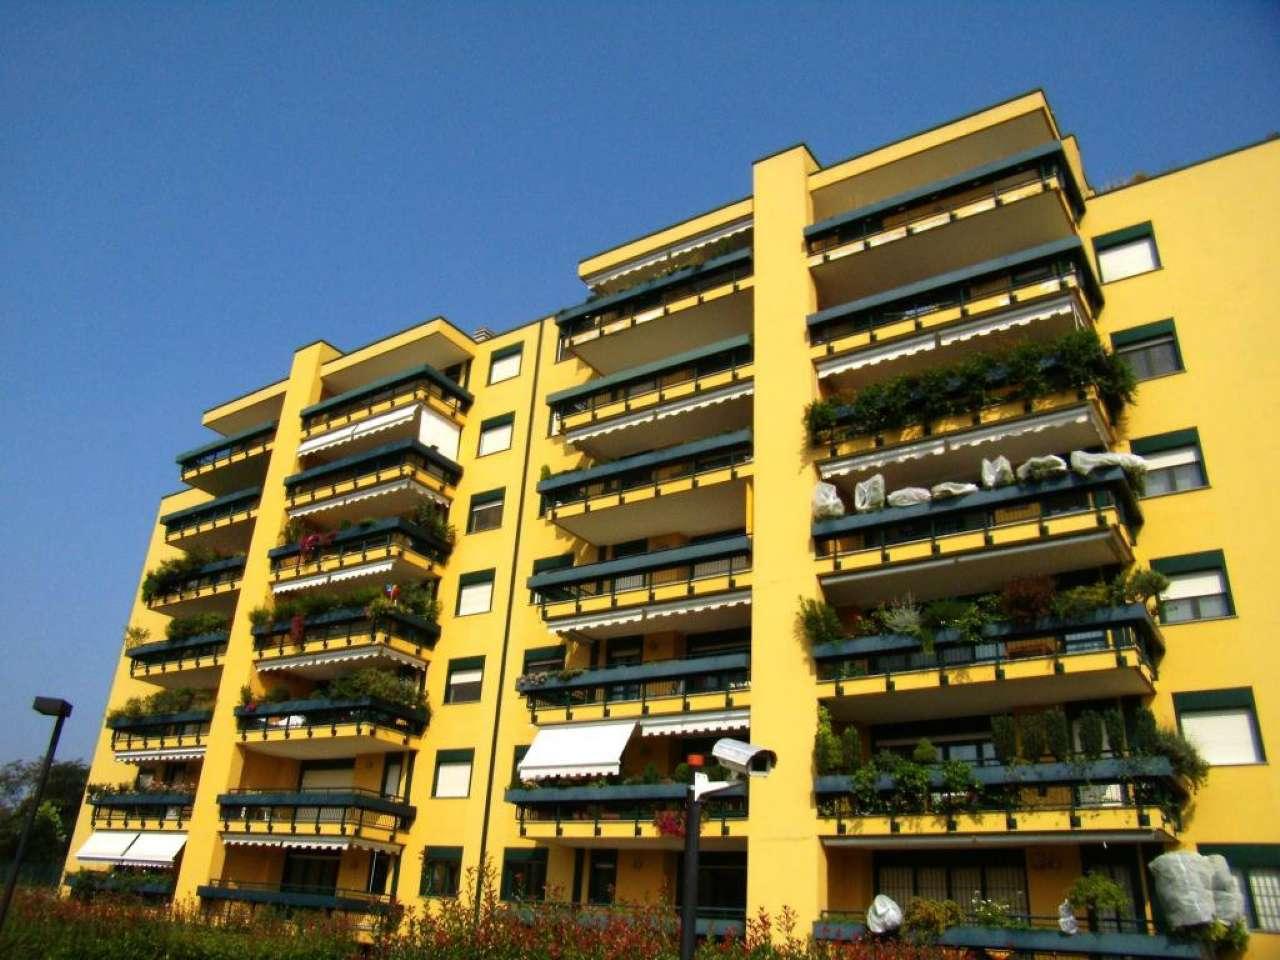 Appartamento in Vendita a Segrate: 4 locali, 140 mq